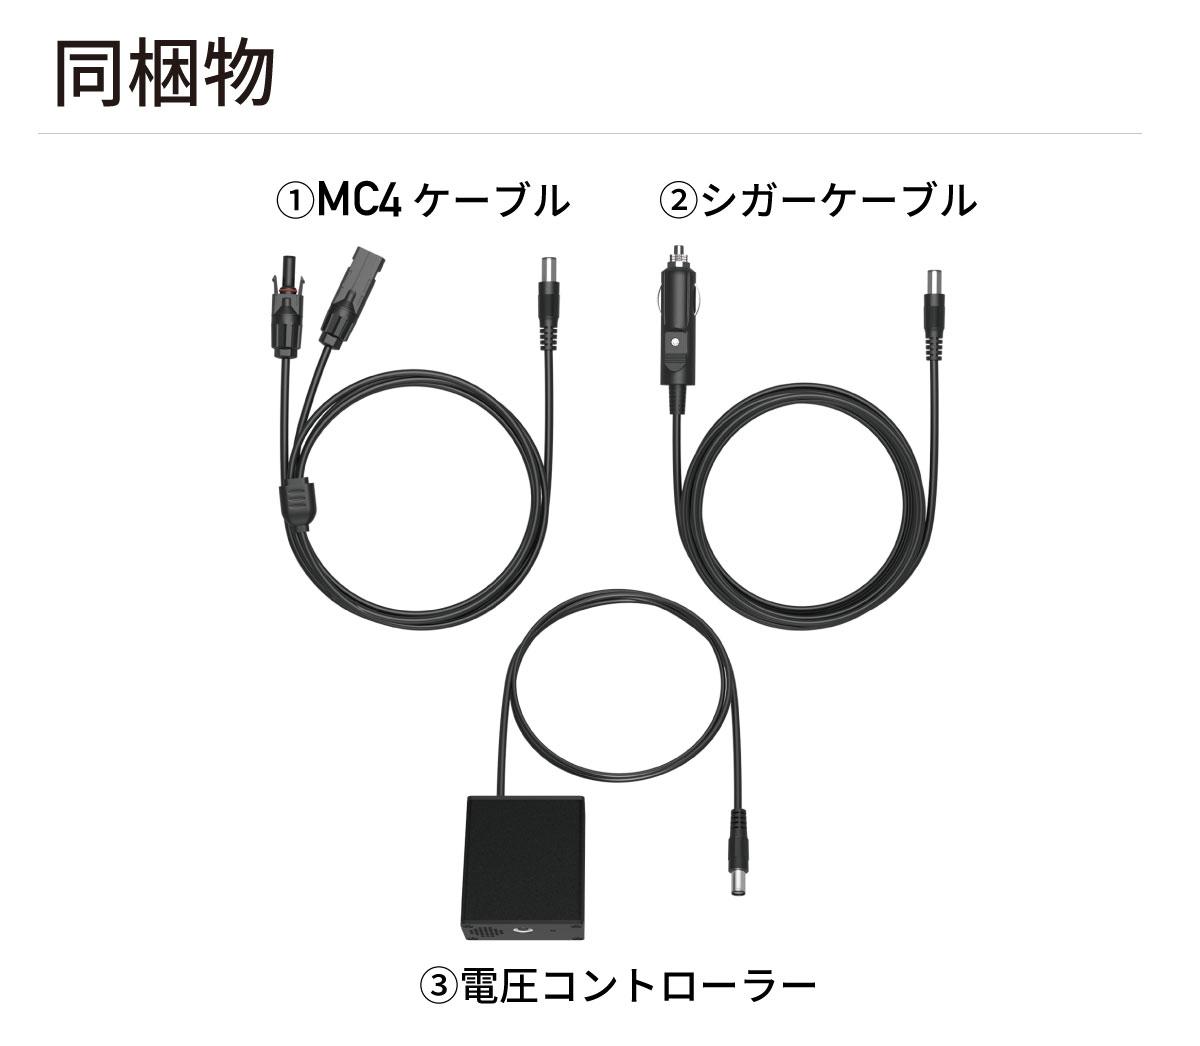 ポータブル電源 STSL300 シガー MC4 電圧変換